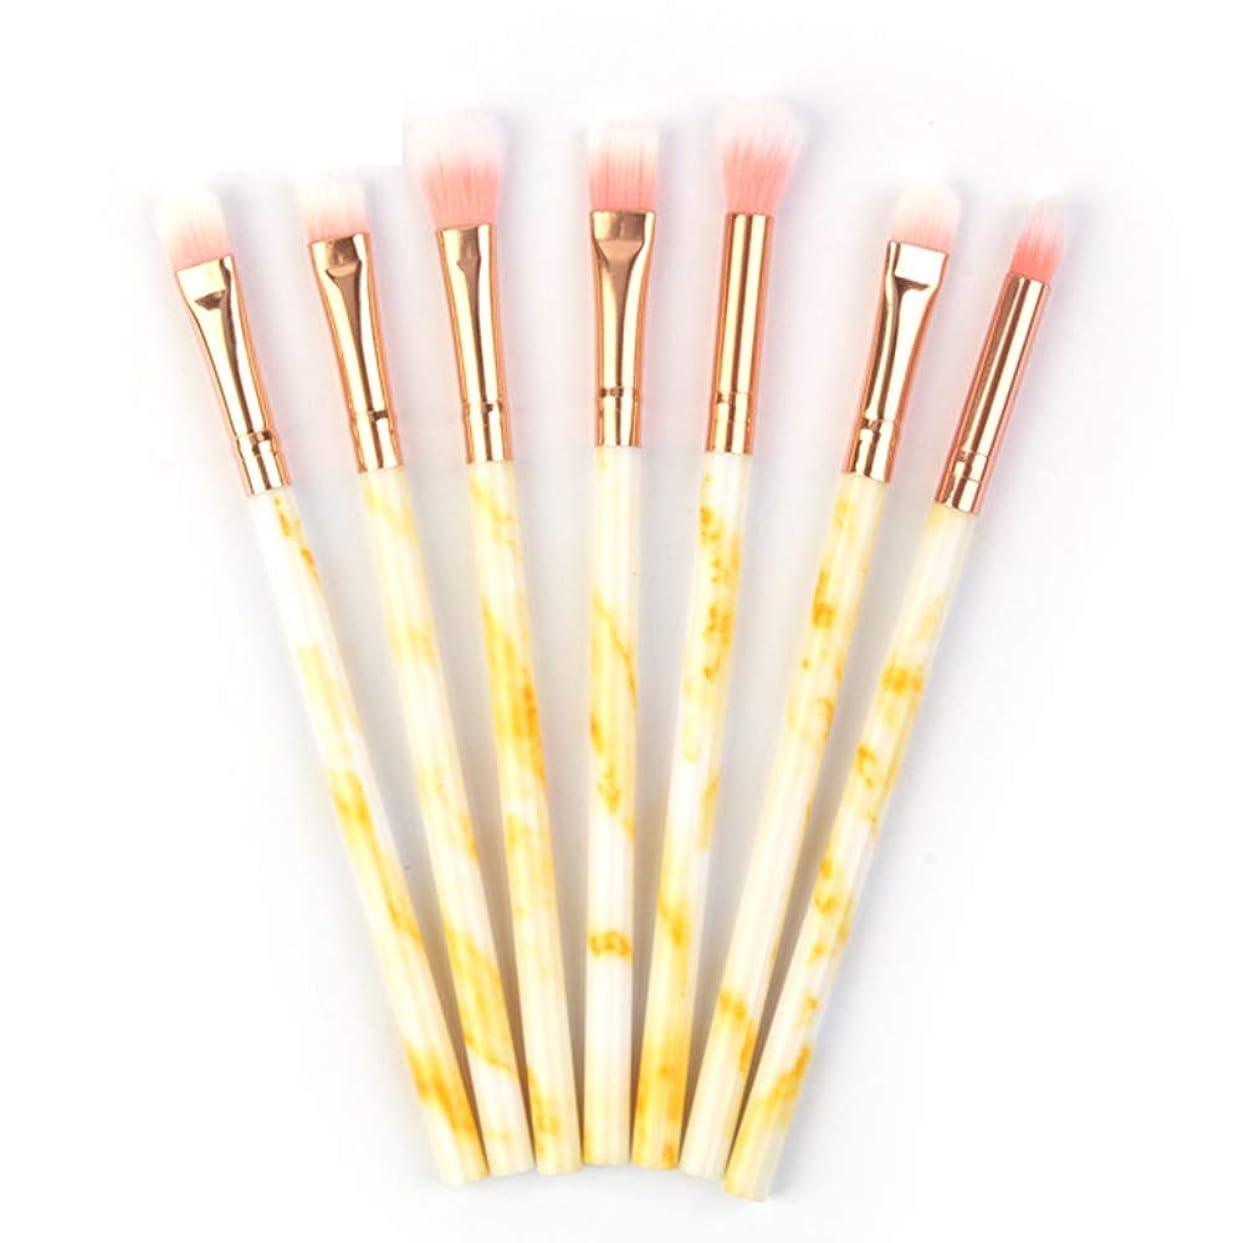 美容師懐疑論インフルエンザMitid 多機能マーブリングメイクブラシセットアイシャドーアイライナーコンシーラーブラシセットミニメイクアップブラシツールキット (7 Yellow)